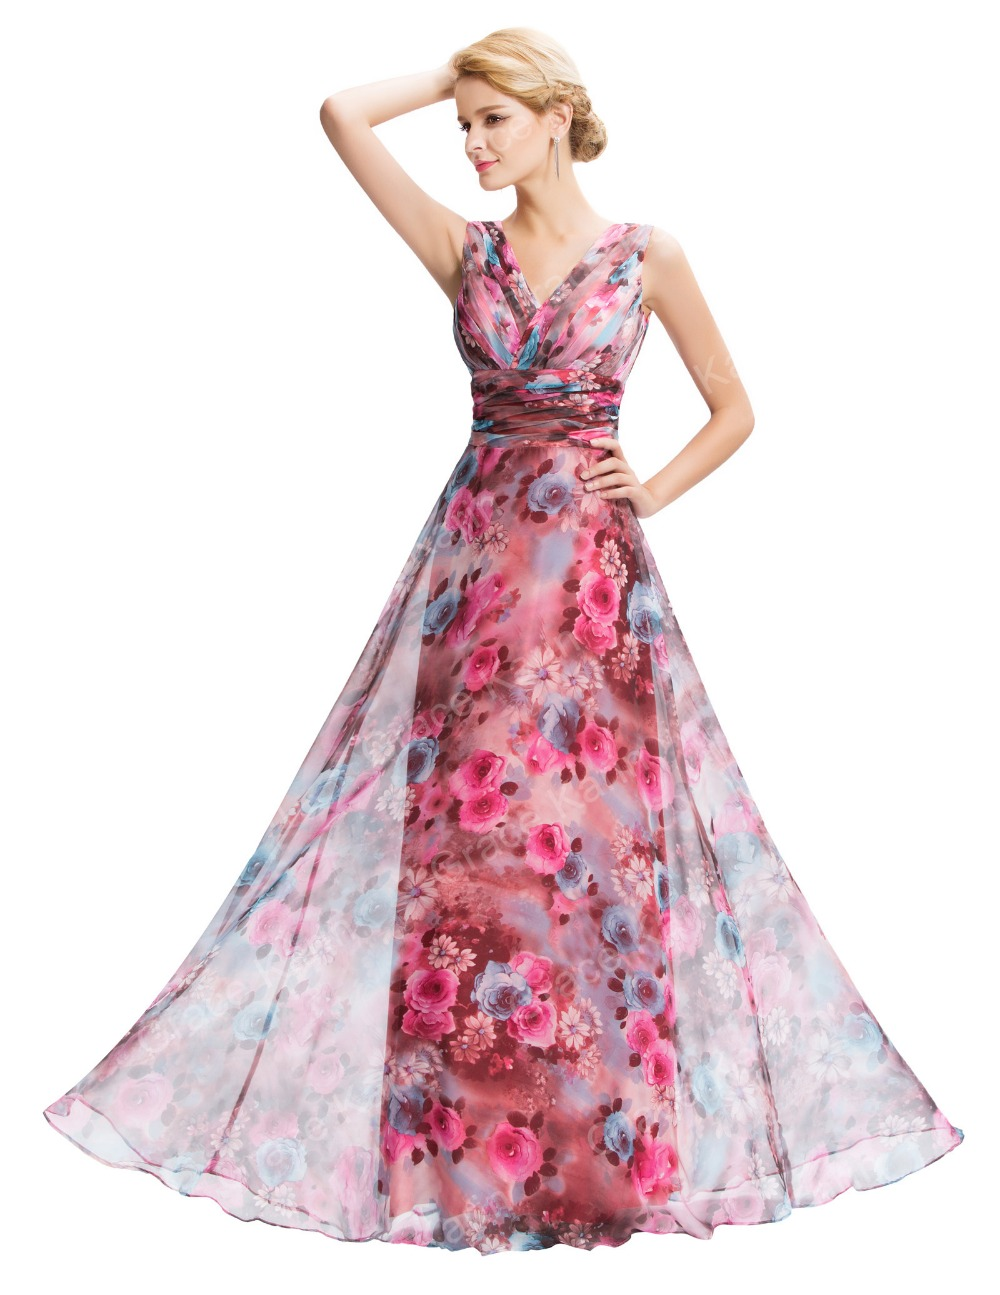 Grace karin new sleeveless v neck floral pattern chiffon long grace karin new sleeveless v neck floral pattern chiffon long bridesmaid dress gk000058 1 ombrellifo Images